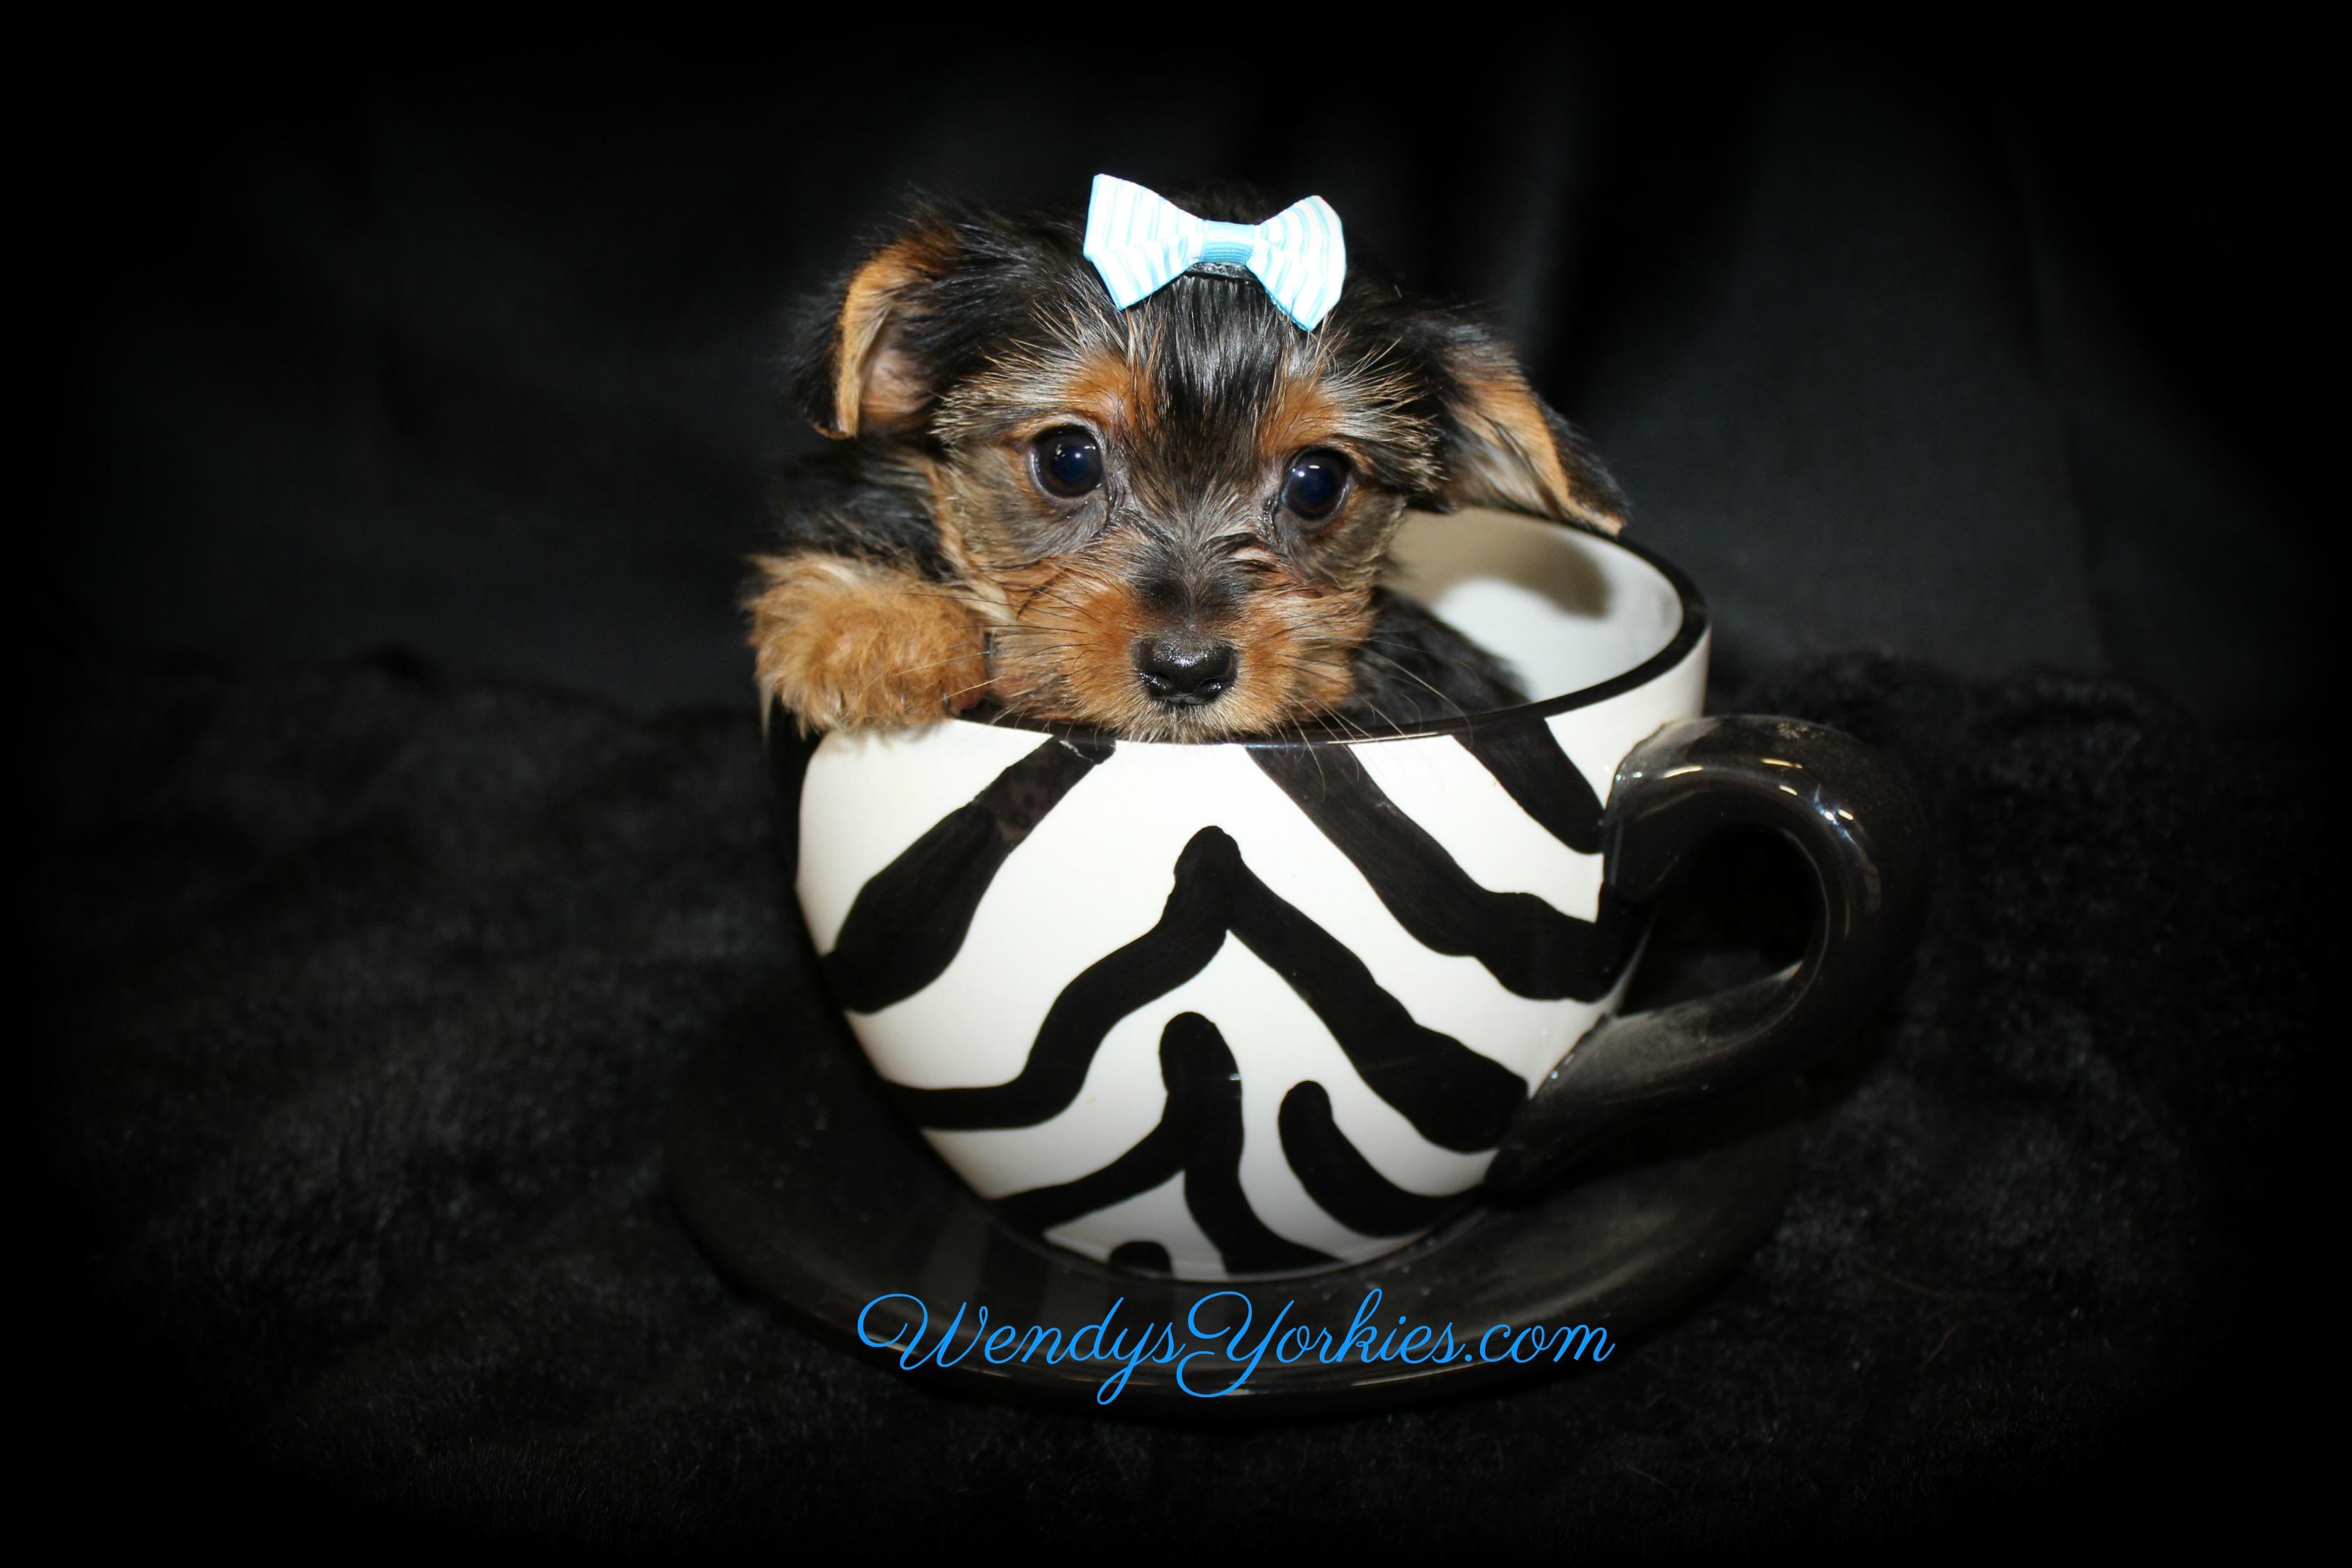 Teacup Yorkie puppy for sale, Skeeter m2, WendysYorkies.com